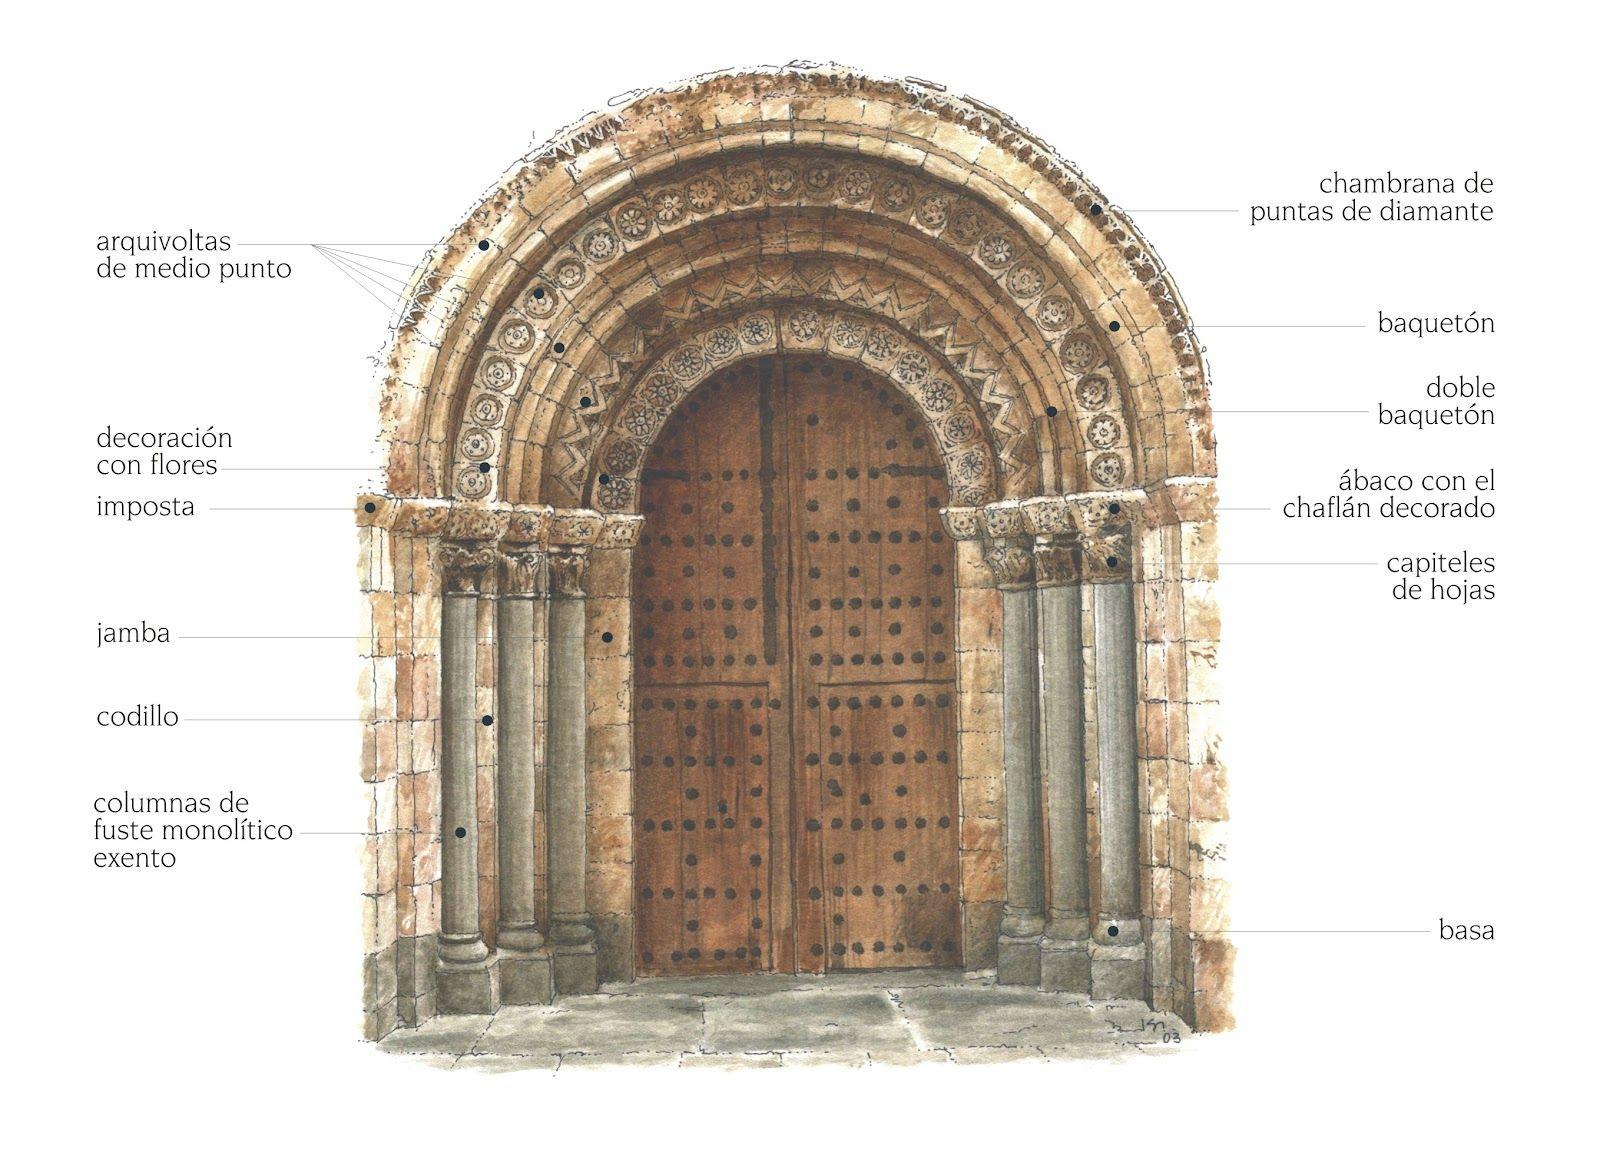 0 Avila Portada Norte De San Pedro Con R Tulos Jpg 1600 1149  # Saqqara Muebles Y Decoracion